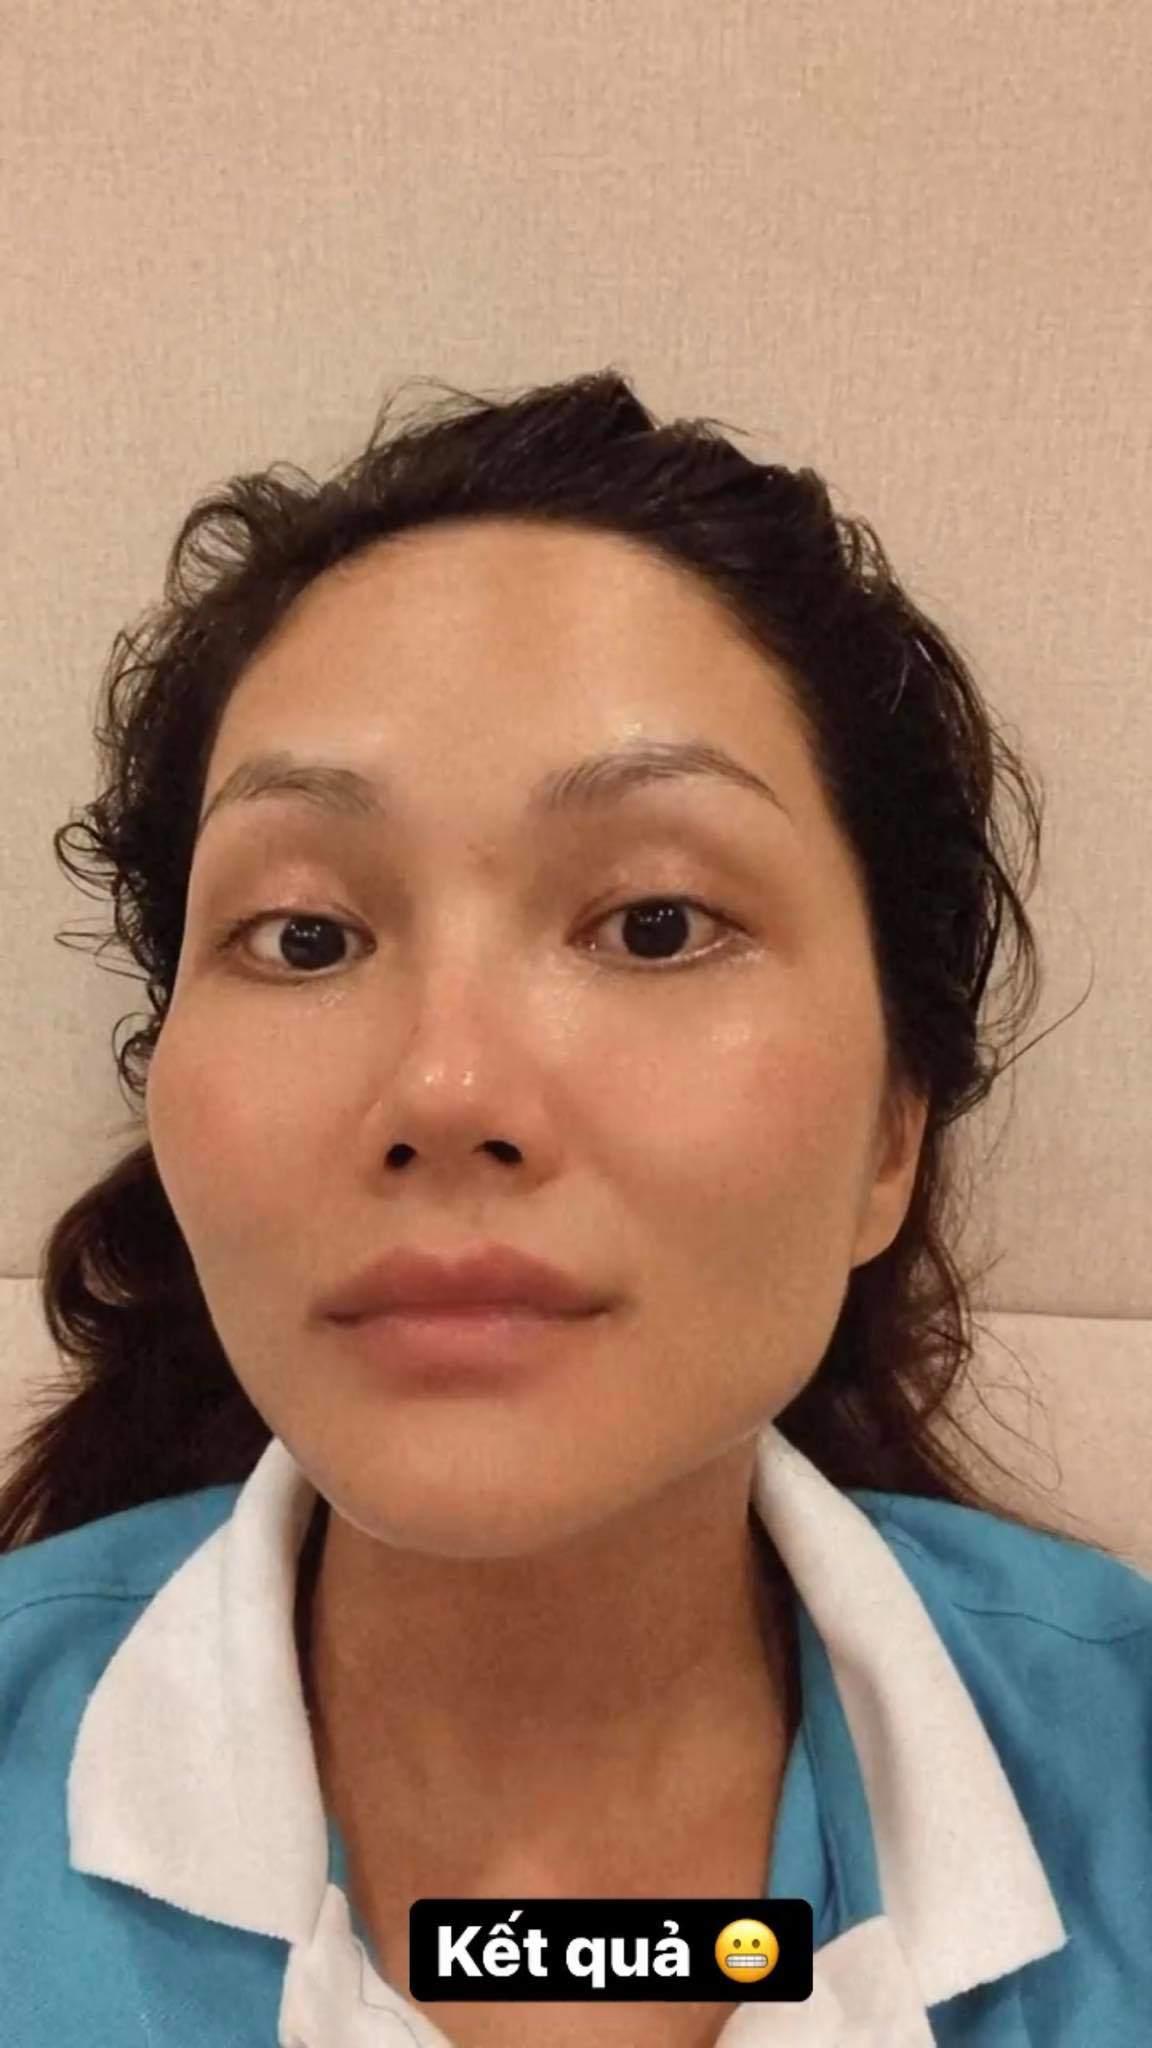 Rẻ-Đẹp-Dễ: Một hoa hậu vừa chế ra công thức đắp mặt với cơm nguội, kết quả bất ngờ - 4